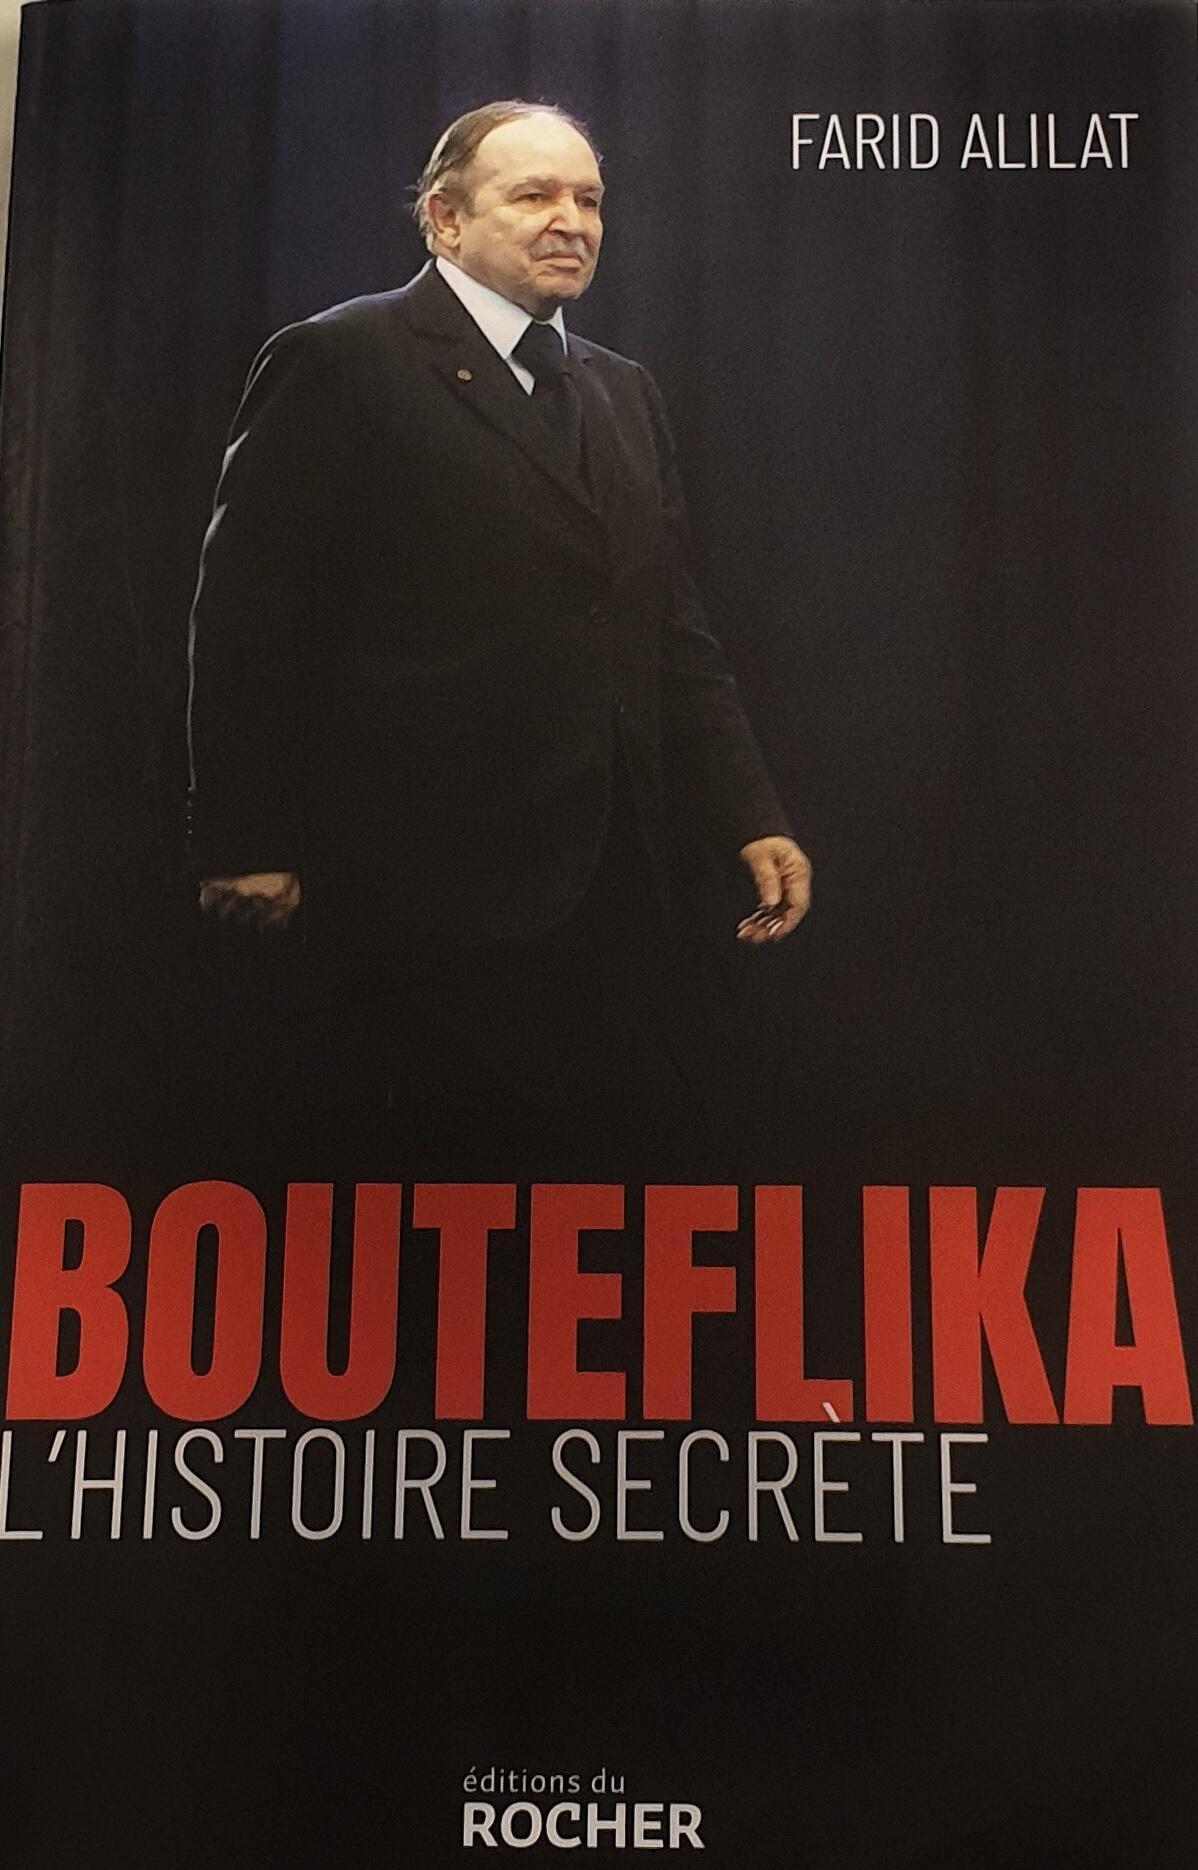 """كتاب """"بوتفليقة، الحكاية السرية"""" للصحافي الجزائري فريد عليلات."""